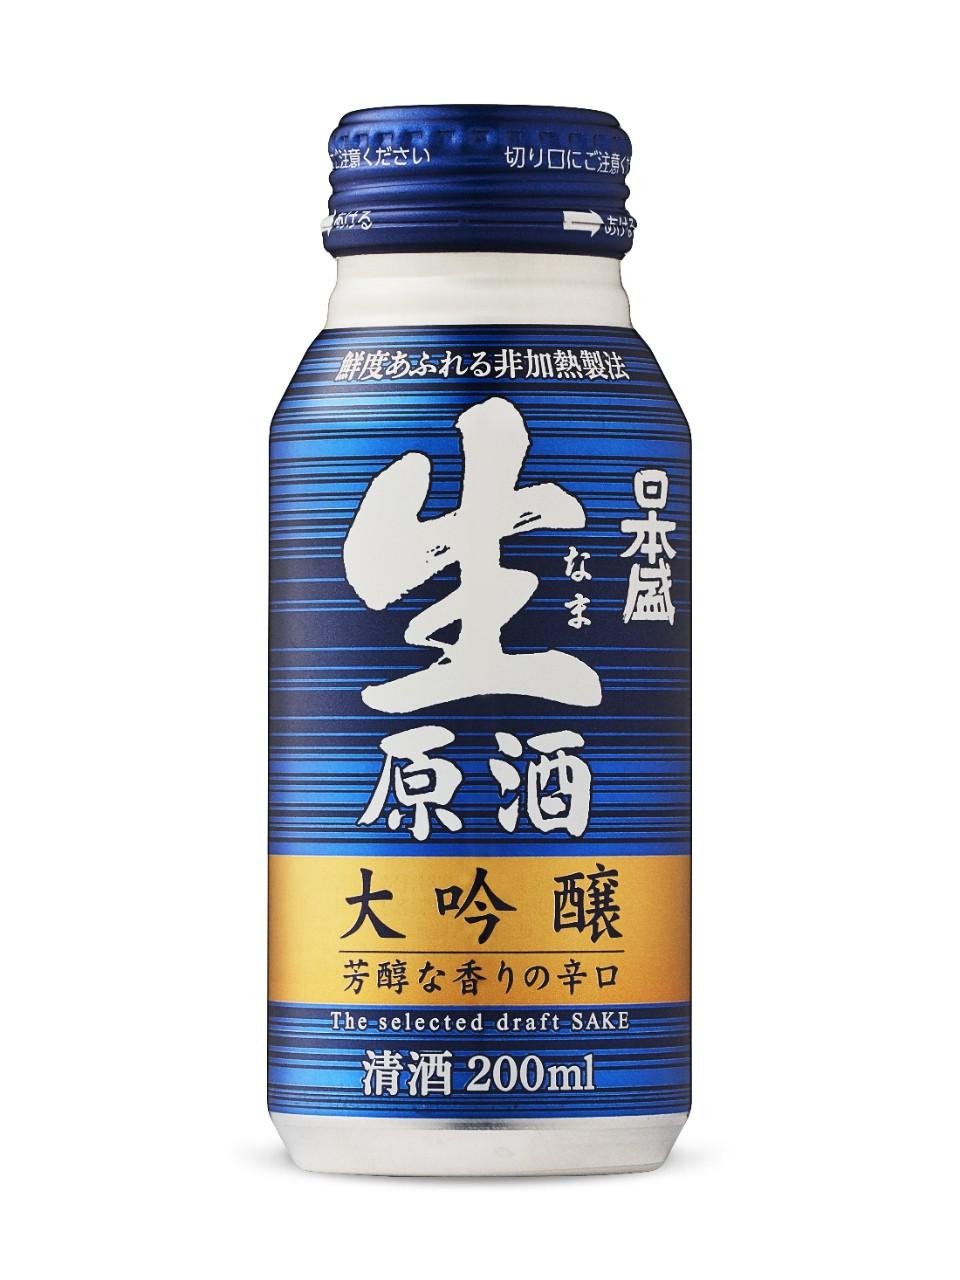 Nihonsakari nama genshu daiginjo sake  200 ml